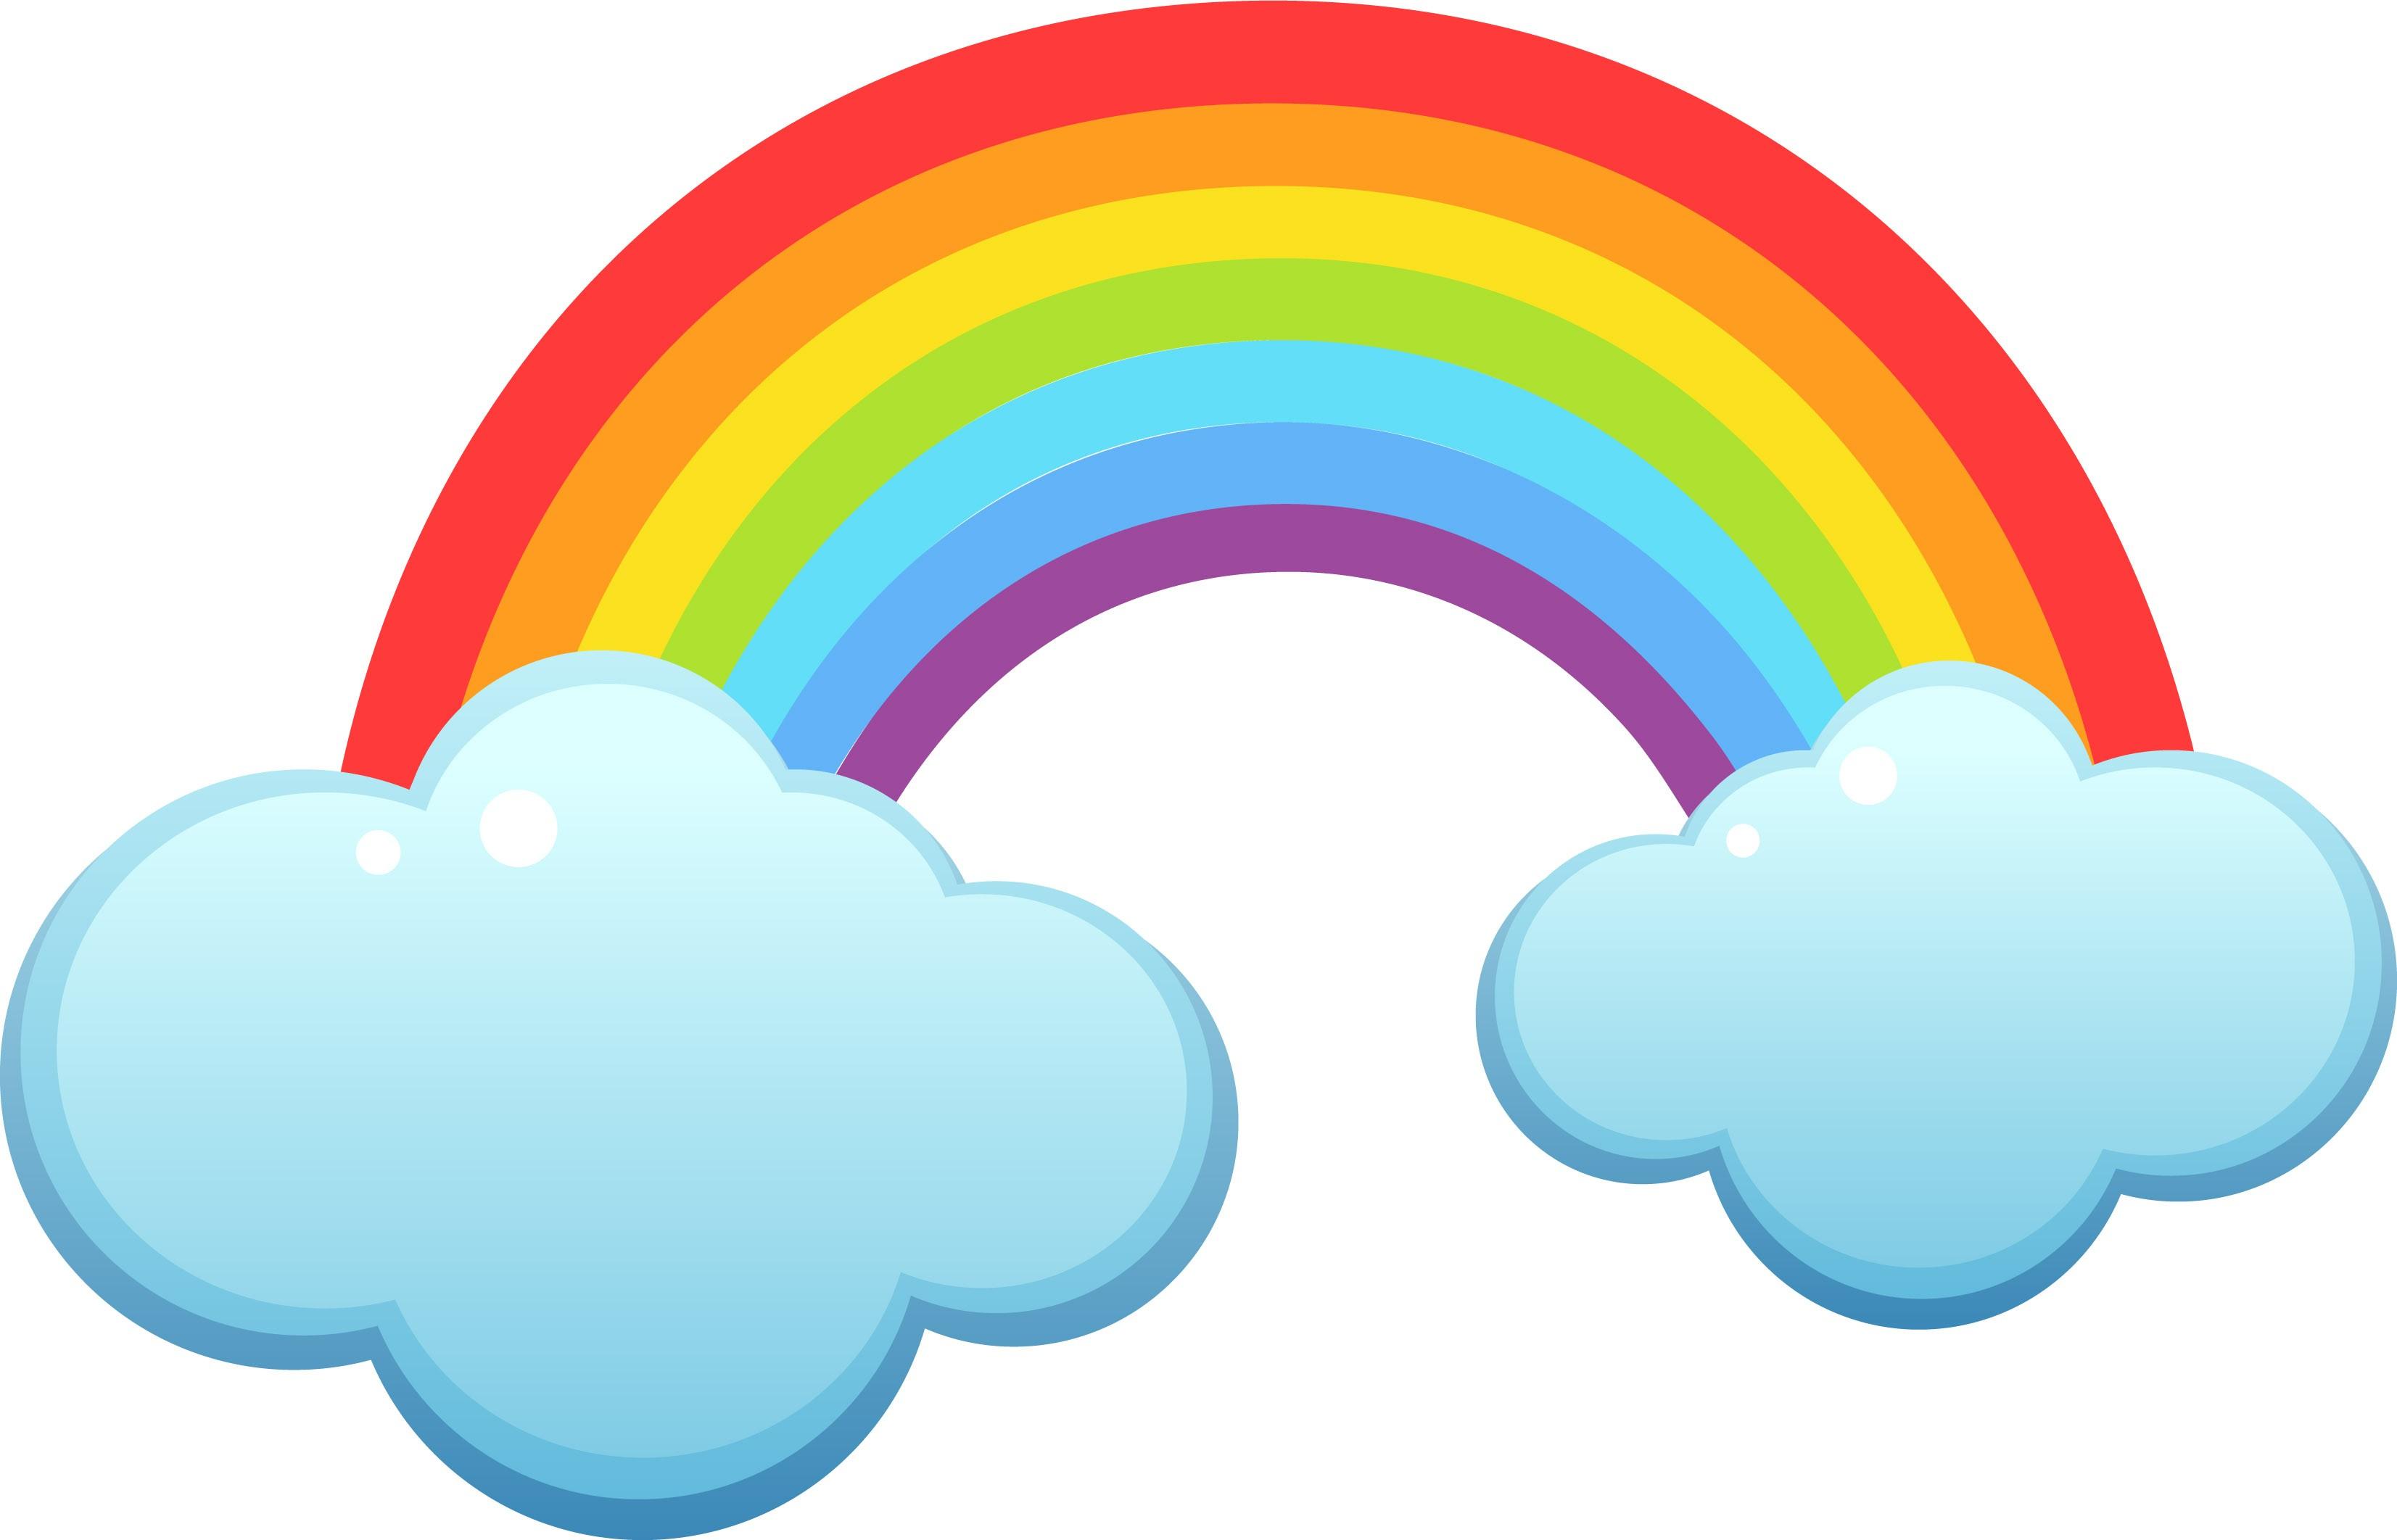 Coloriage Arc-En-Ciel À Imprimer encequiconcerne Arc En Ciel A Colorier